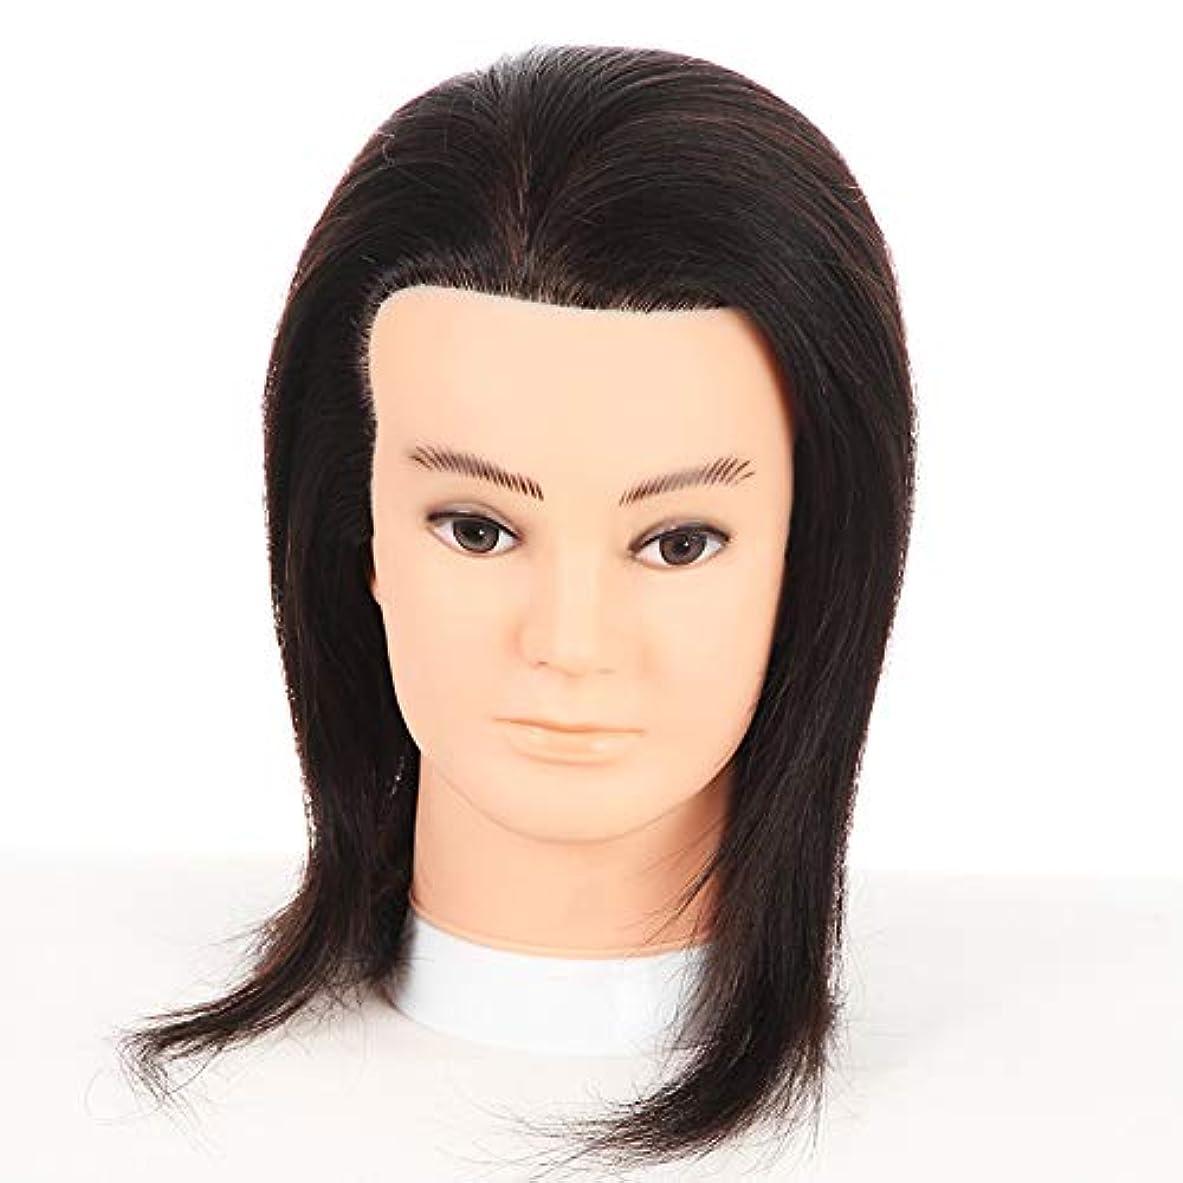 アナロジー覚醒オーロックリアルヘアーヘアスタイリングマネキンヘッド男性ヘッドモデルティーチングヘッド理髪店編組染毛学習ダミーヘッド